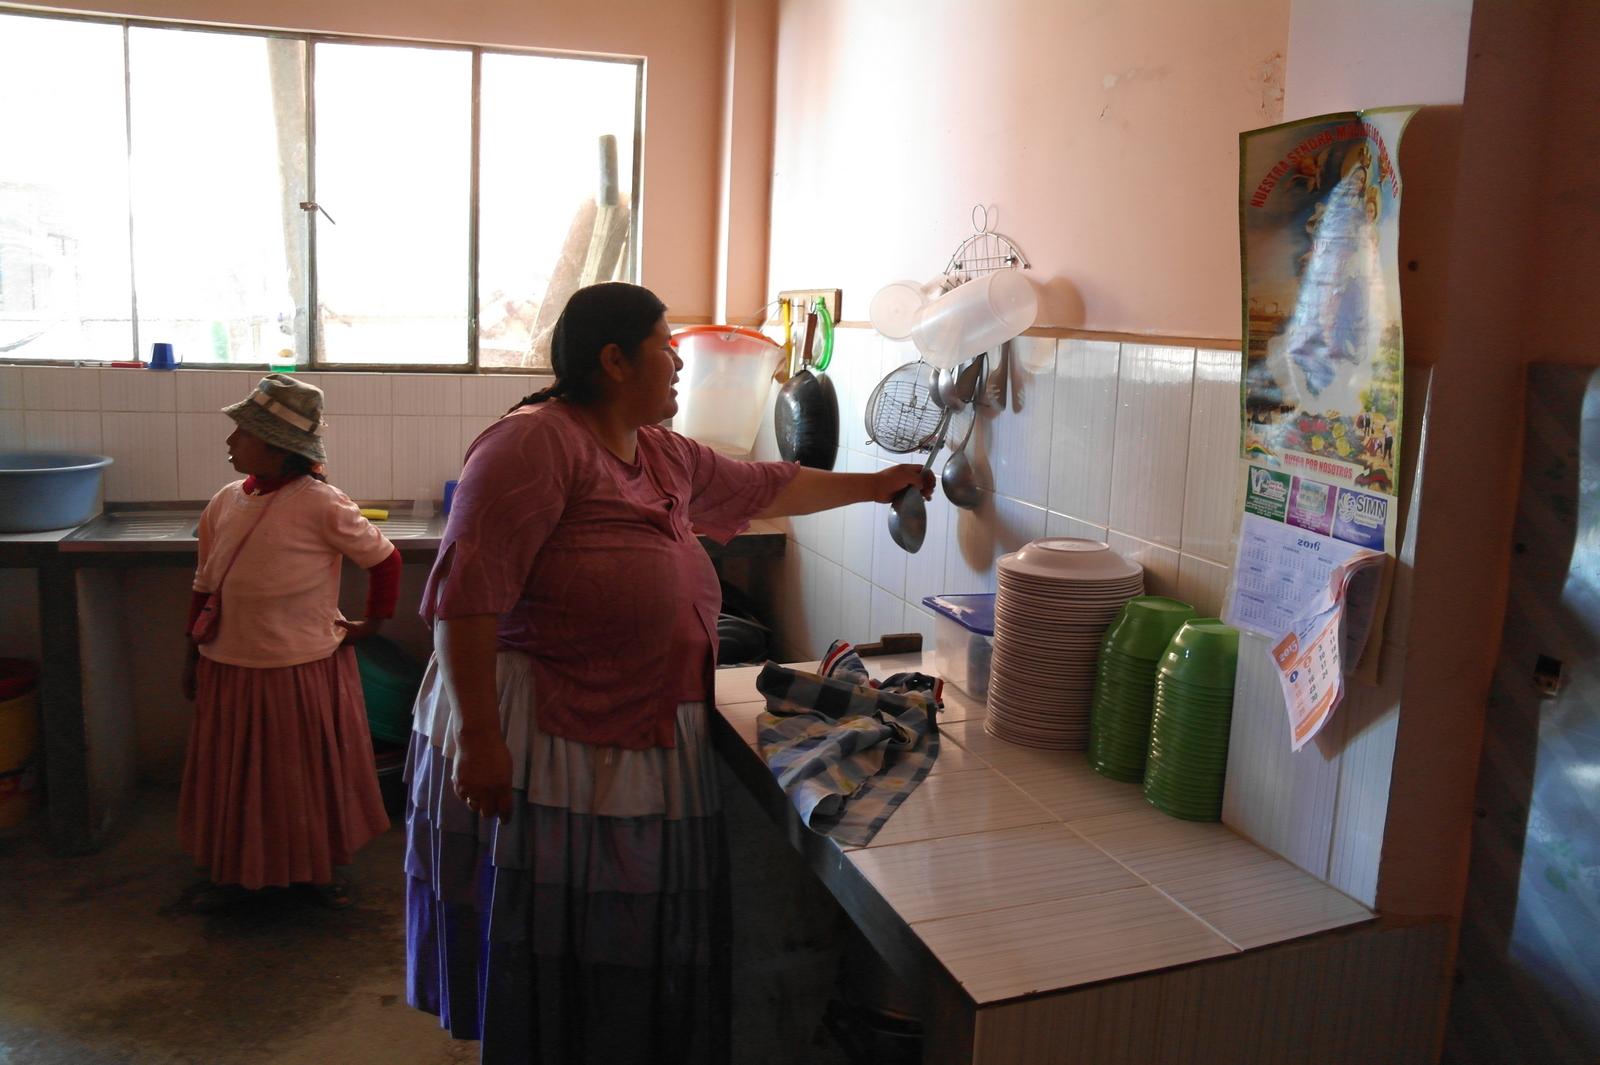 07 de keuken waar dagelijks de lunch voor de kinderen wordt klaargemaakt